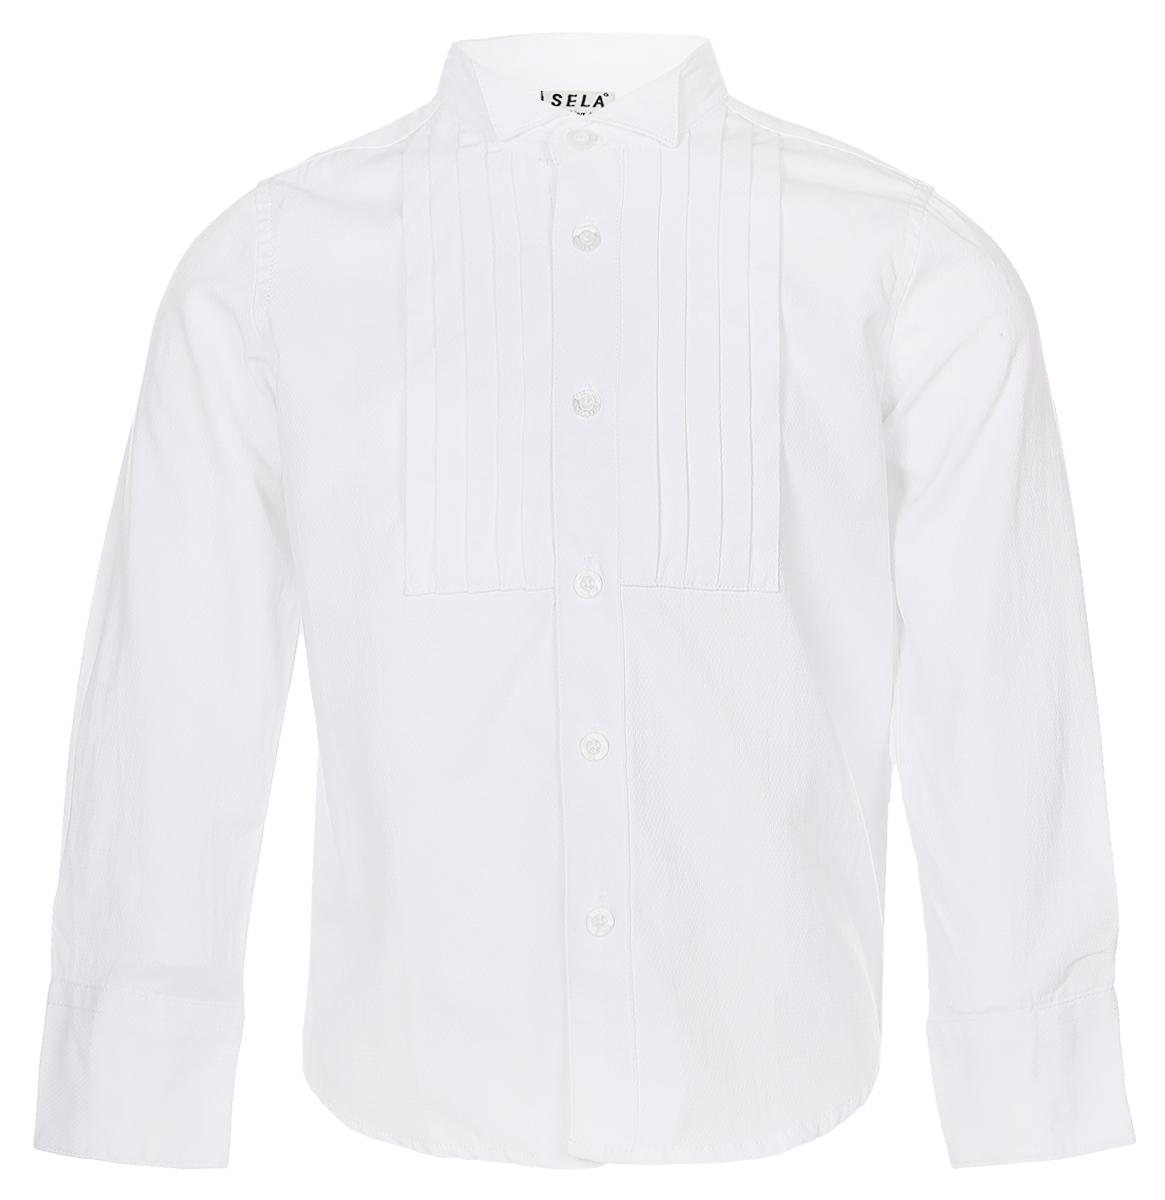 Рубашка для мальчика Sela, цвет: белый. H-712/447-6416. Размер 104, 4 годаH-712/447-6416Стильная рубашка для мальчика Sela изготовлена из качественного сочетания хлопка и полиэстера.Рубашка с длинными рукавами и воротником-стойкой застегивается на пластиковые пуговицы по всей длине. Манжеты рукавов также застегиваются на пуговицы. Классическая однотонная рубашка оформлена спереди горизонтальными складочками.